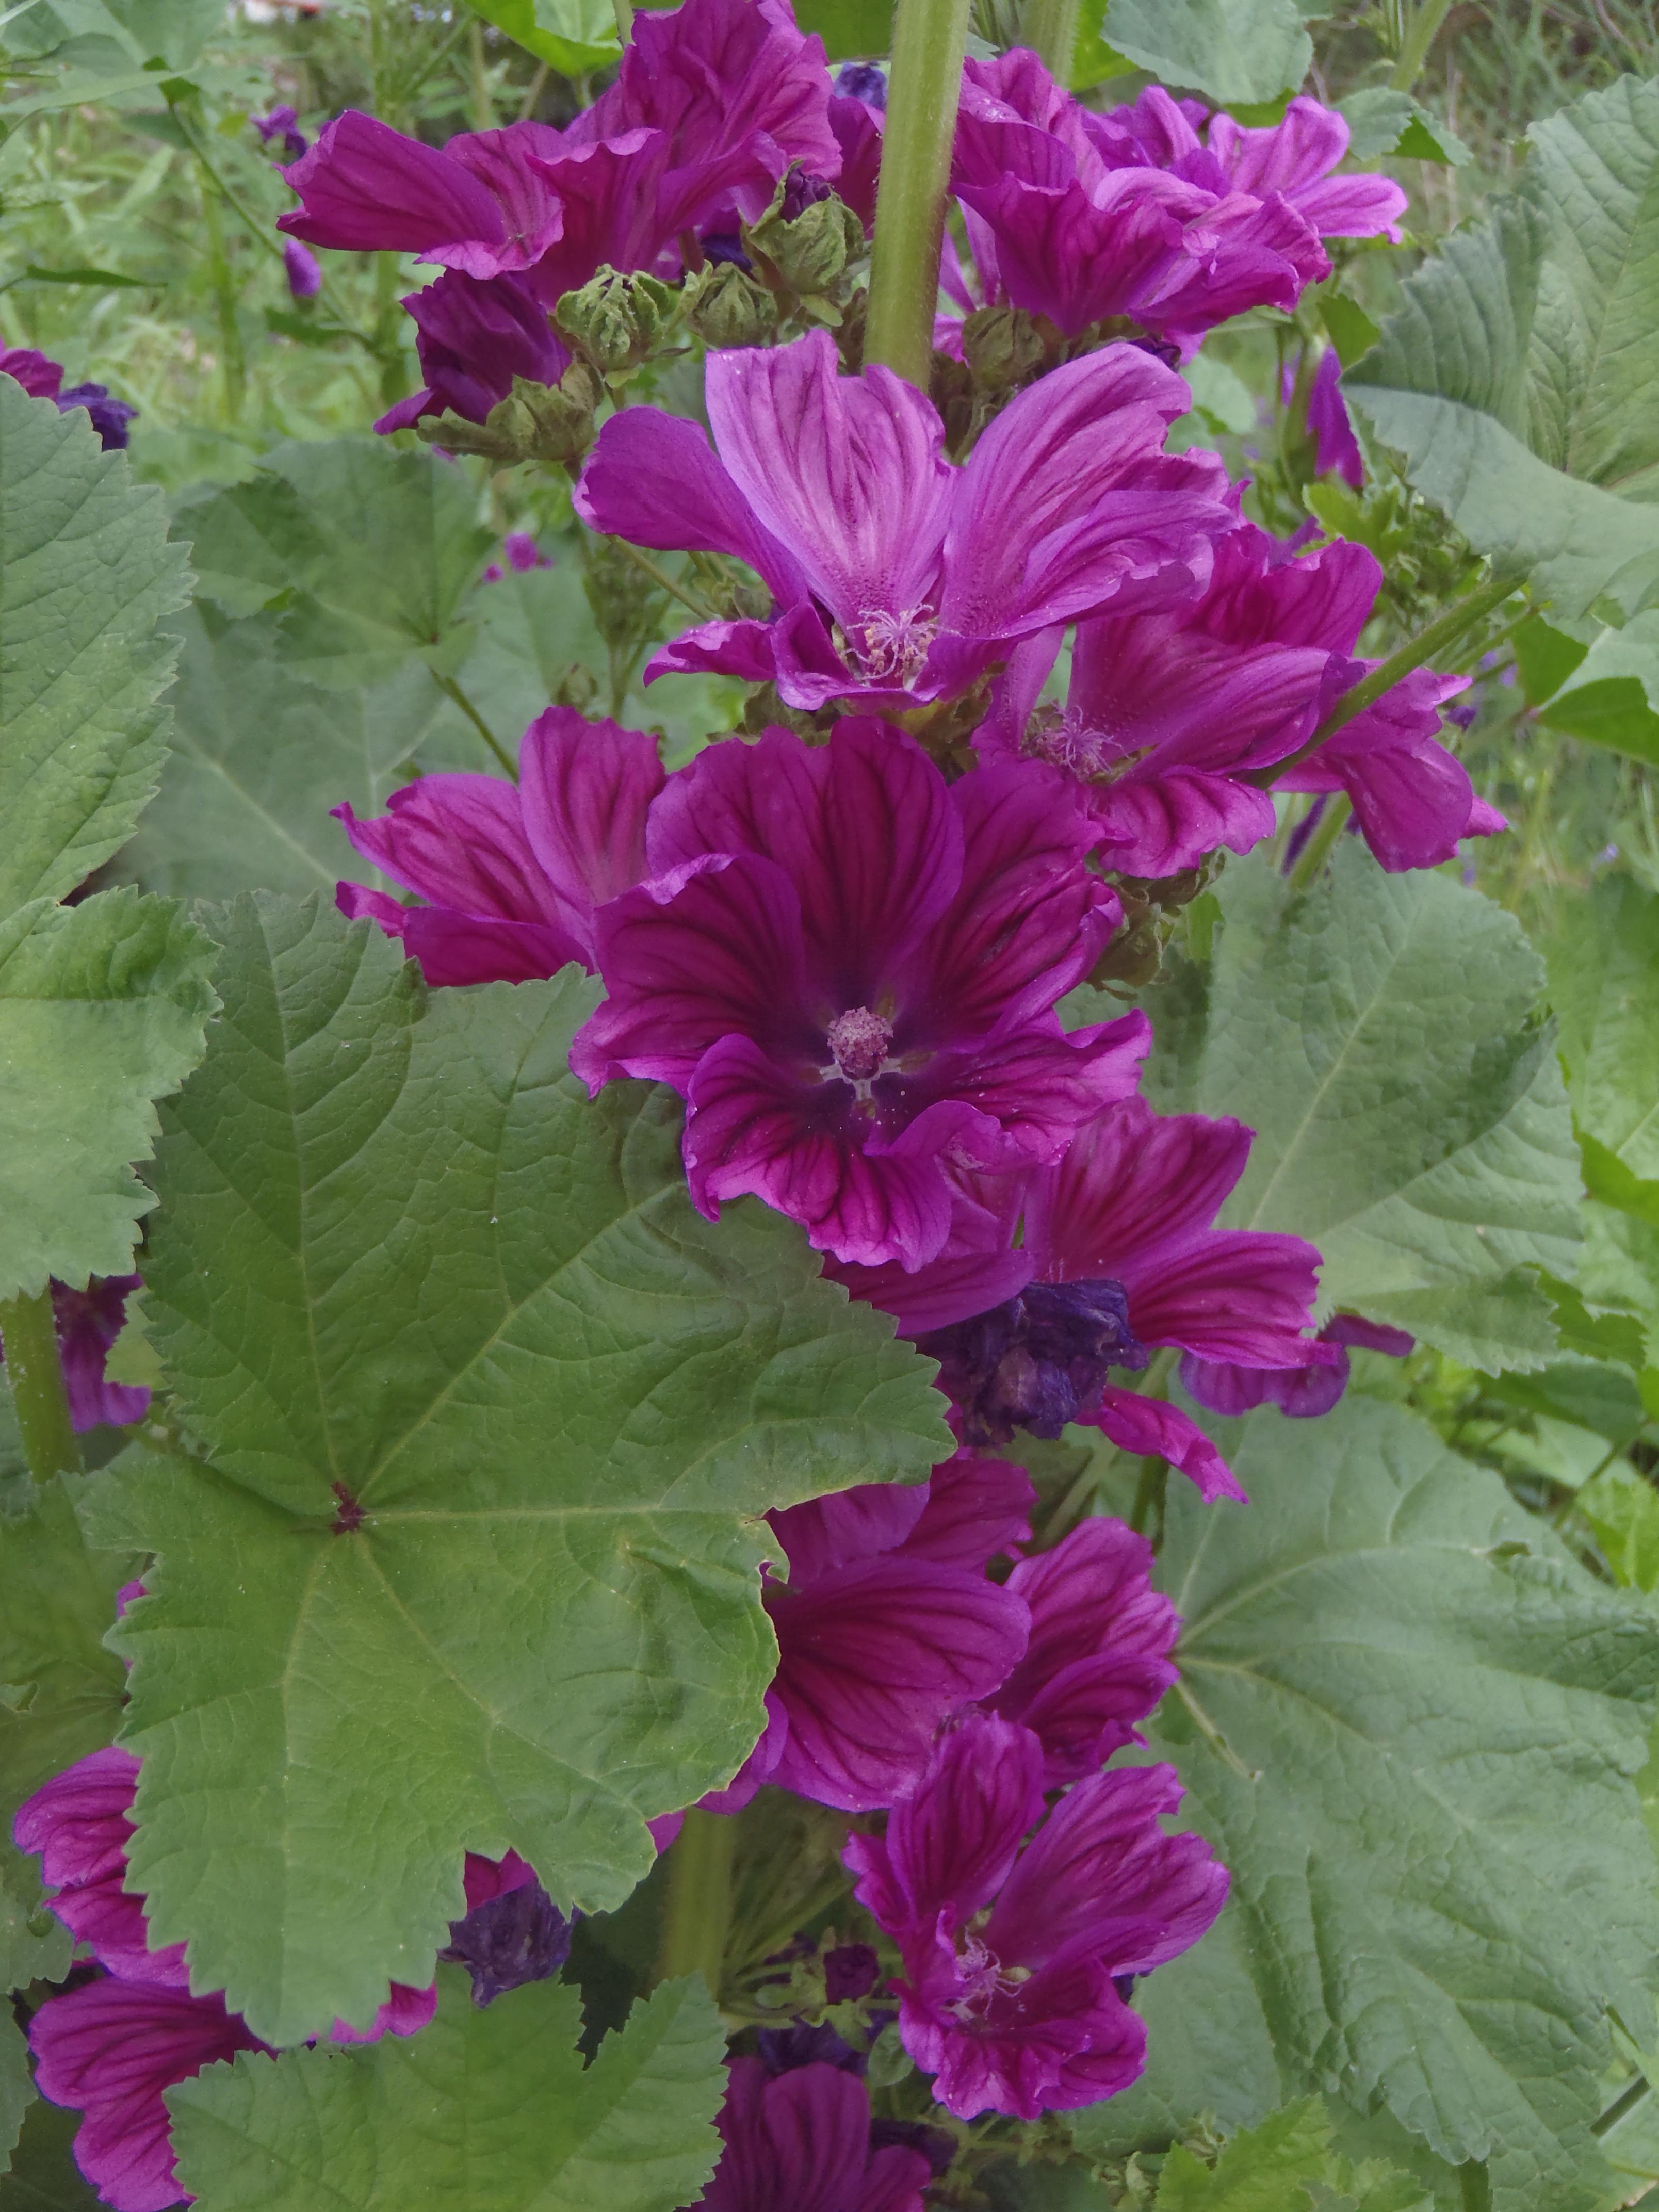 La mauve calme les irritations - Plantes et Santé